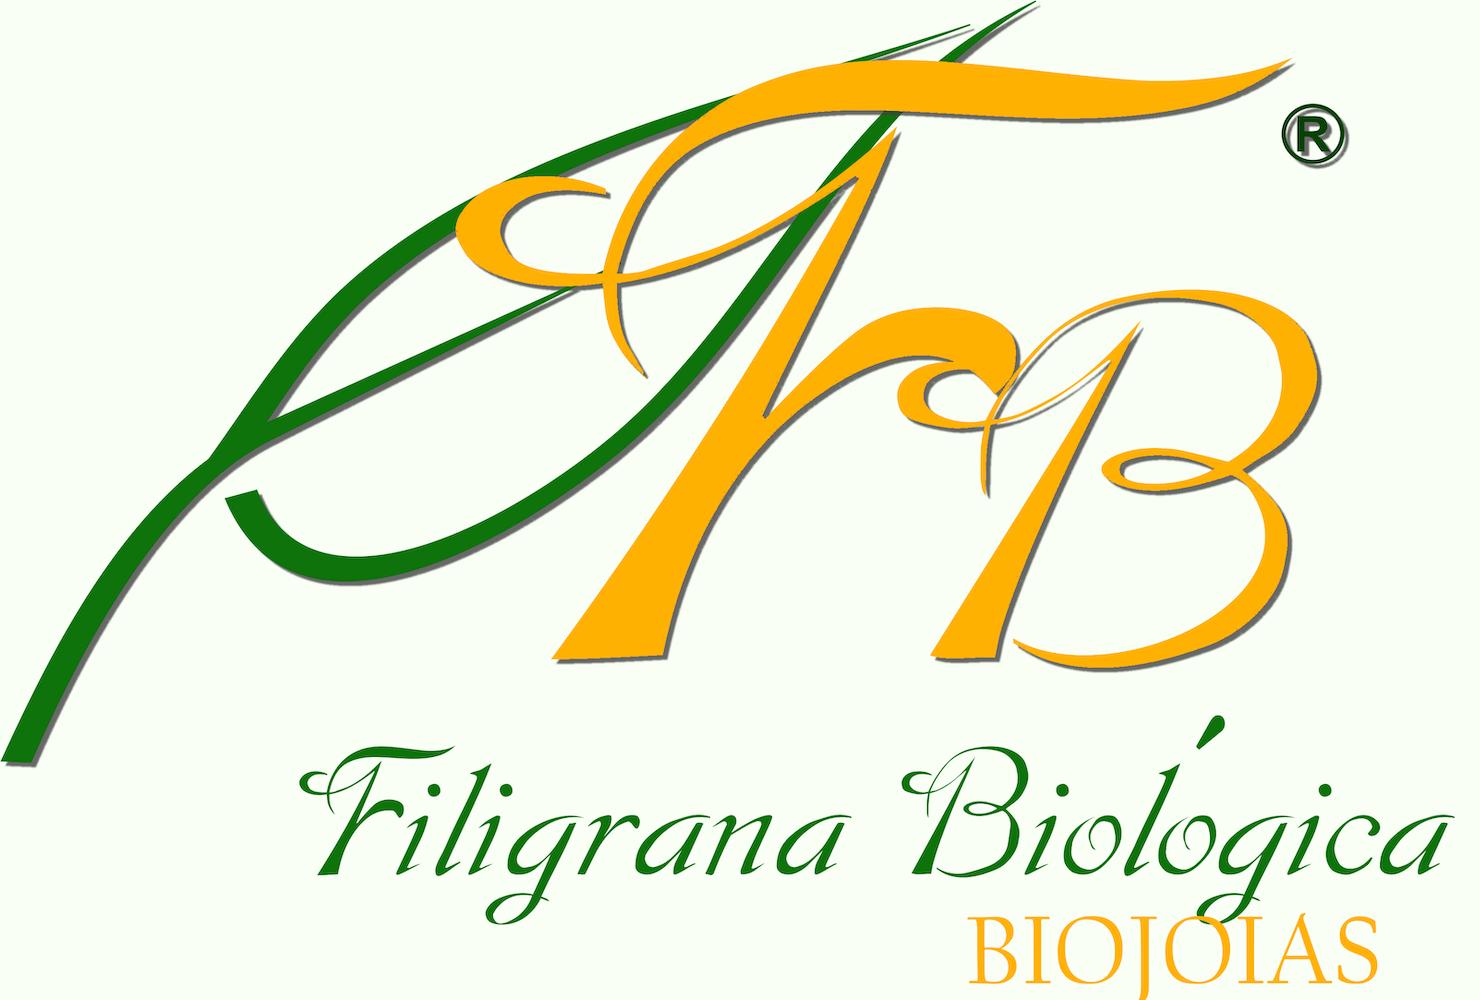 Filigrana Biológica